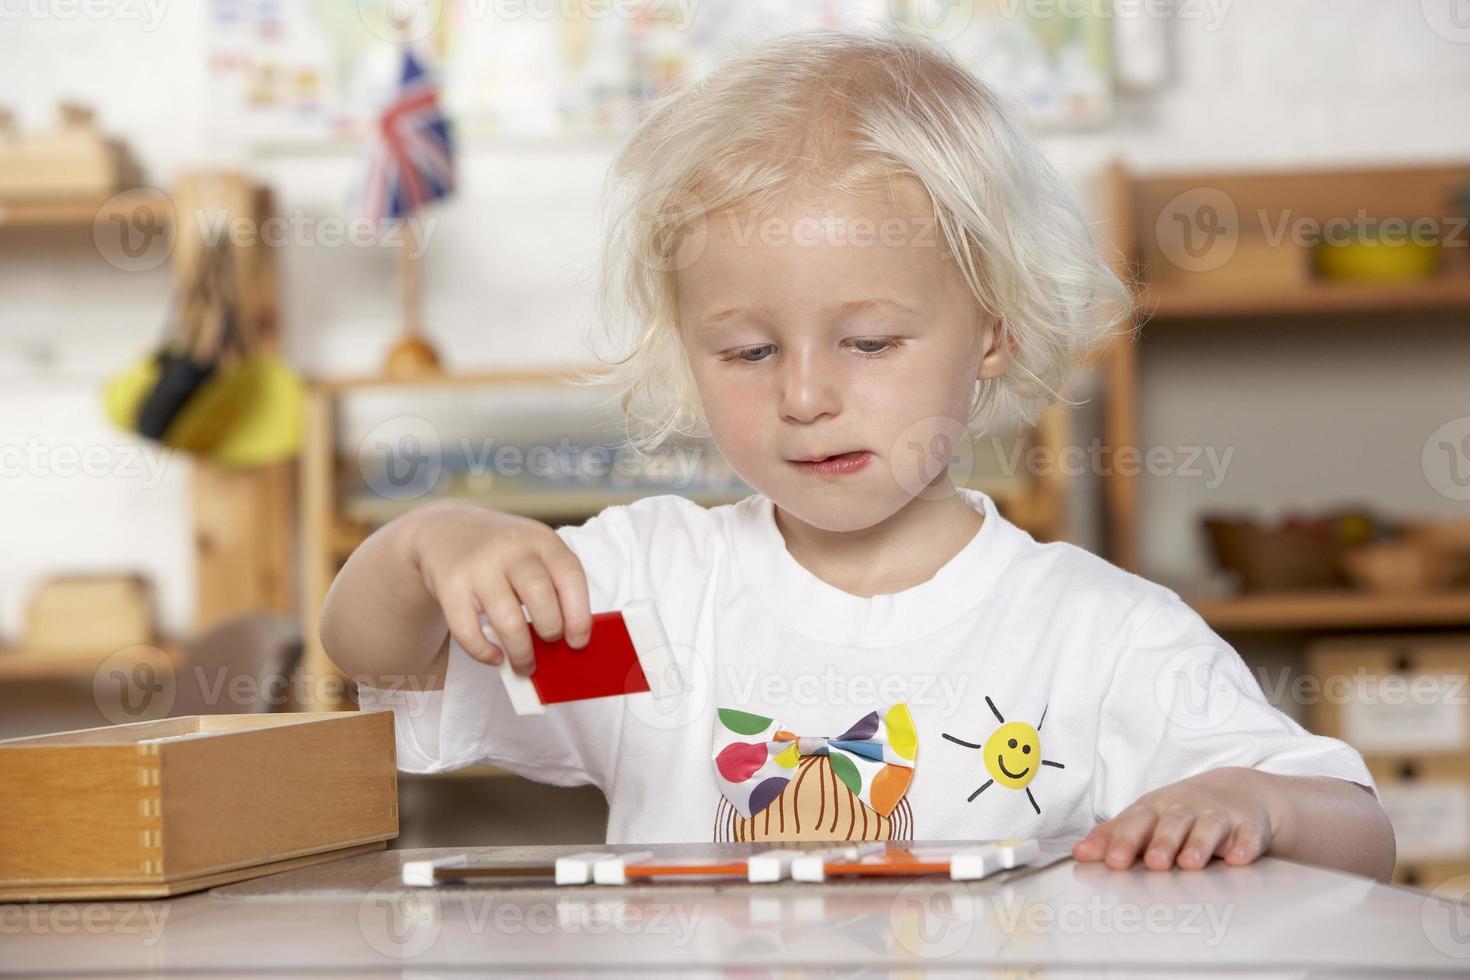 jong meisje spelen op montessori / pre-school foto